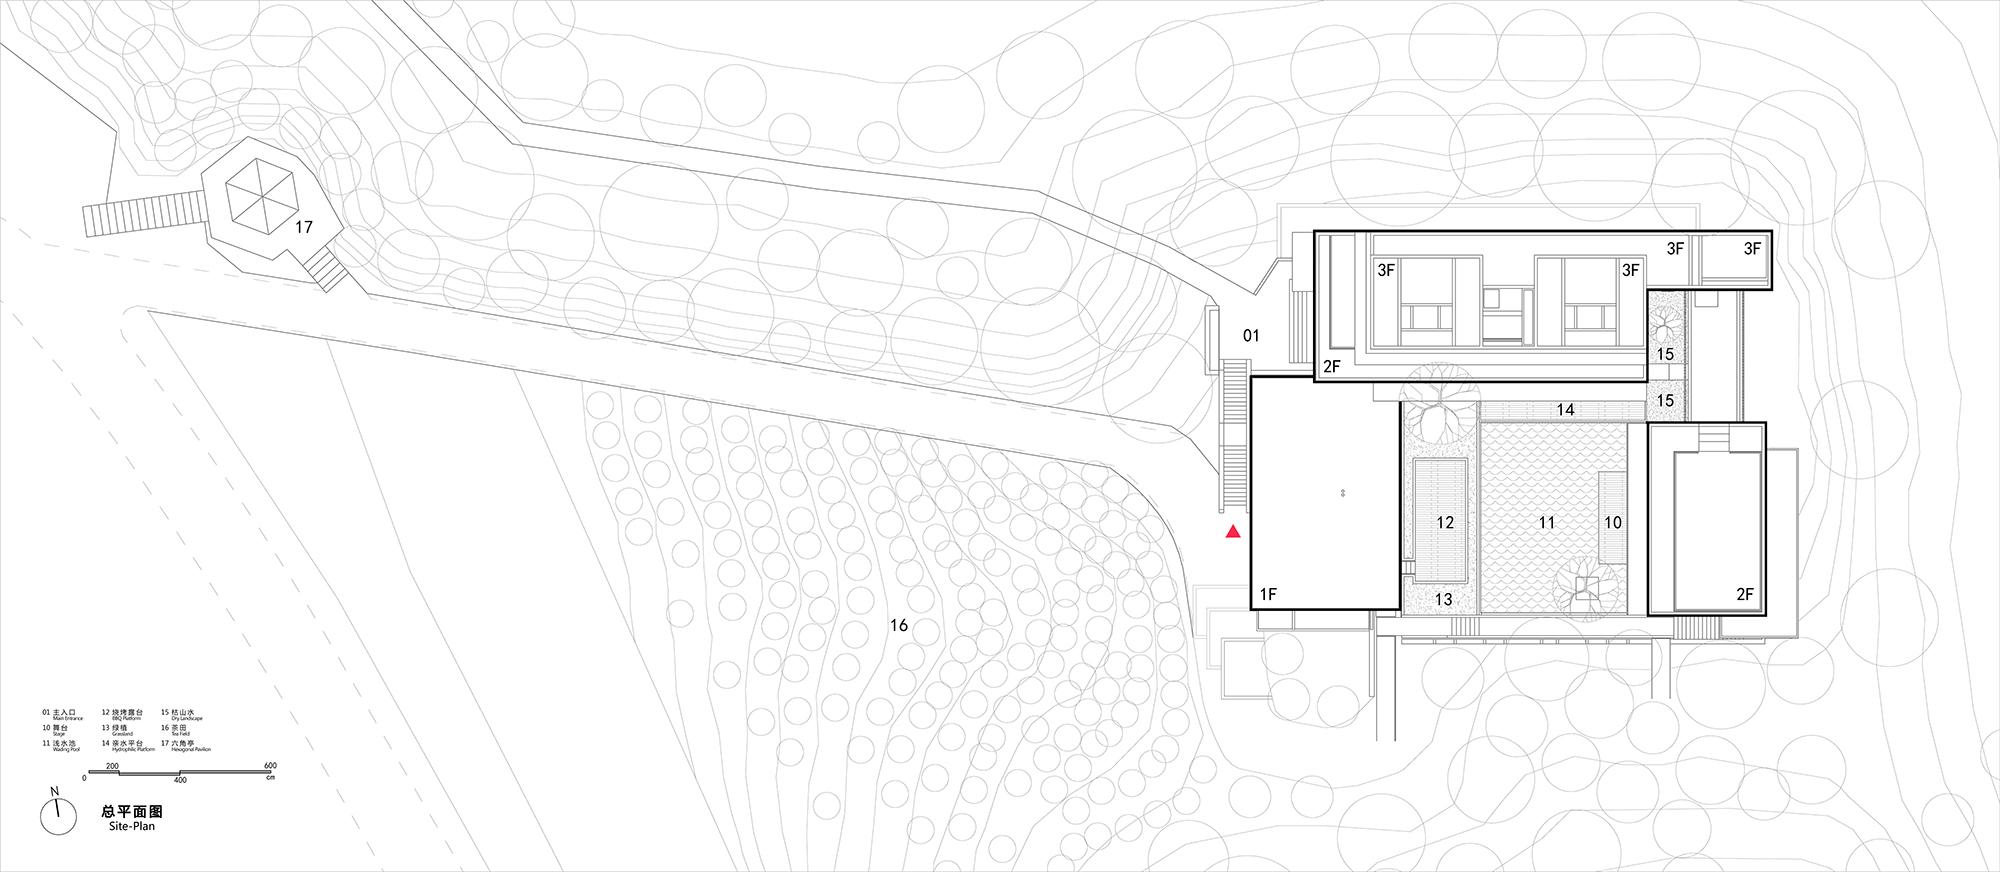 1 Floor Plan